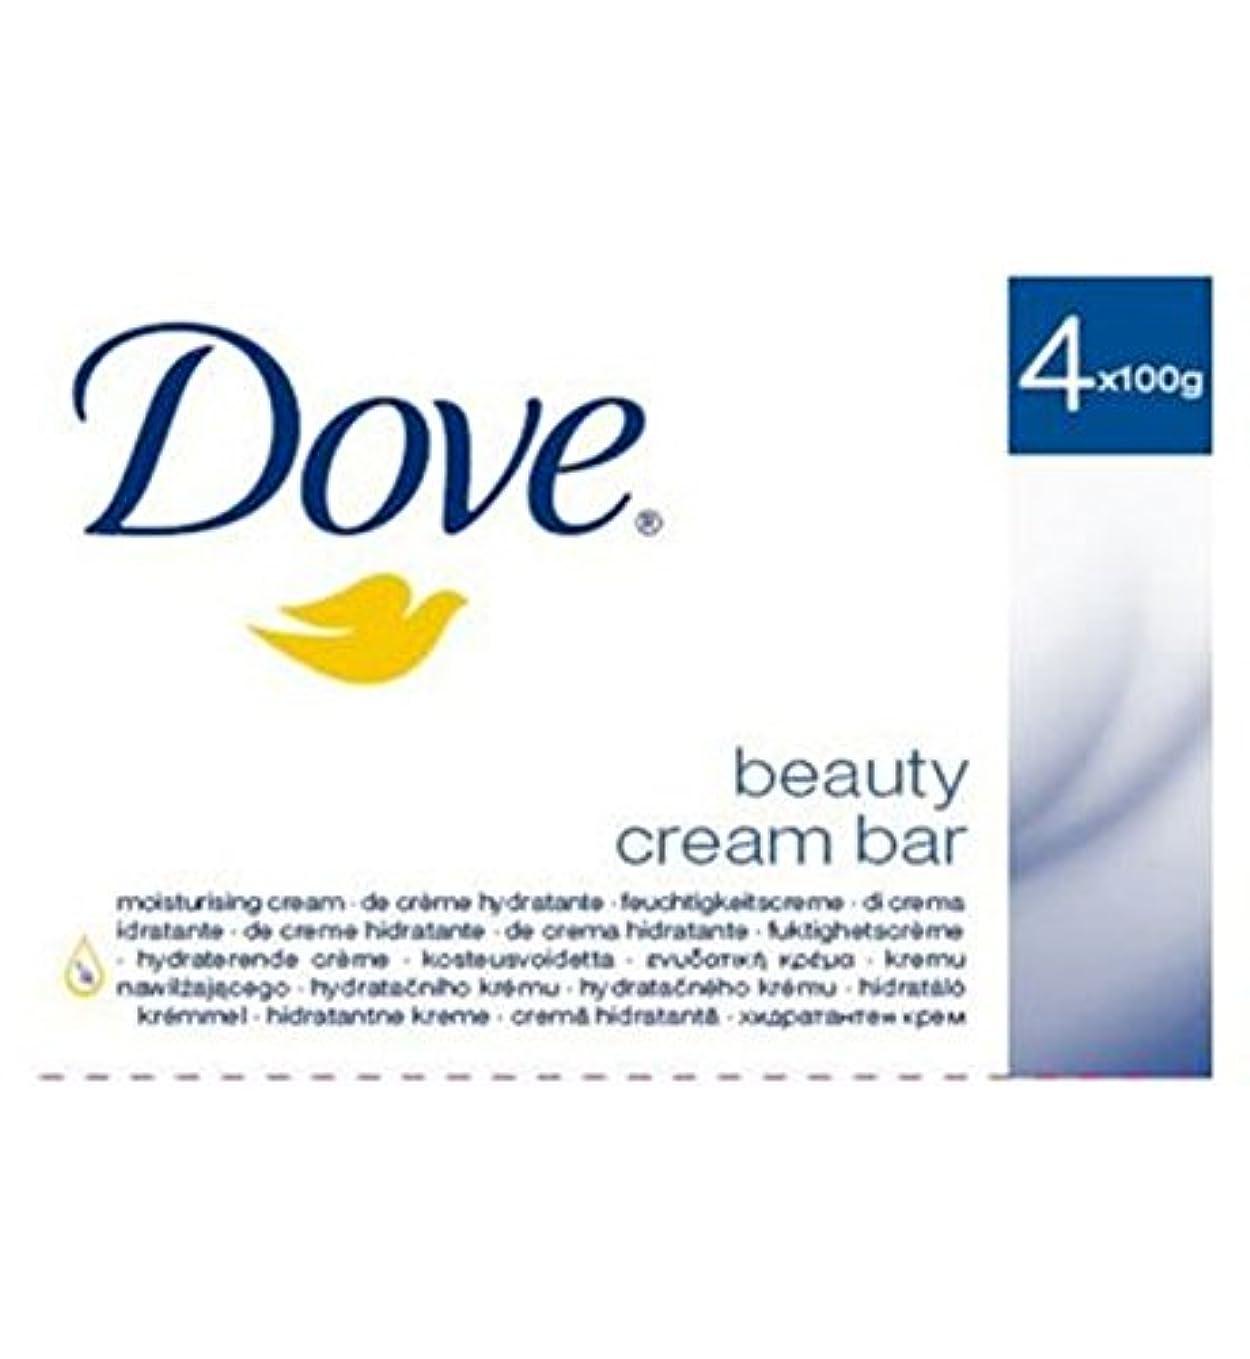 主人警戒交差点Dove Original Beauty Cream Bar 4 x 100g - 鳩元の美しさのクリームバー4のX 100グラム (Dove) [並行輸入品]